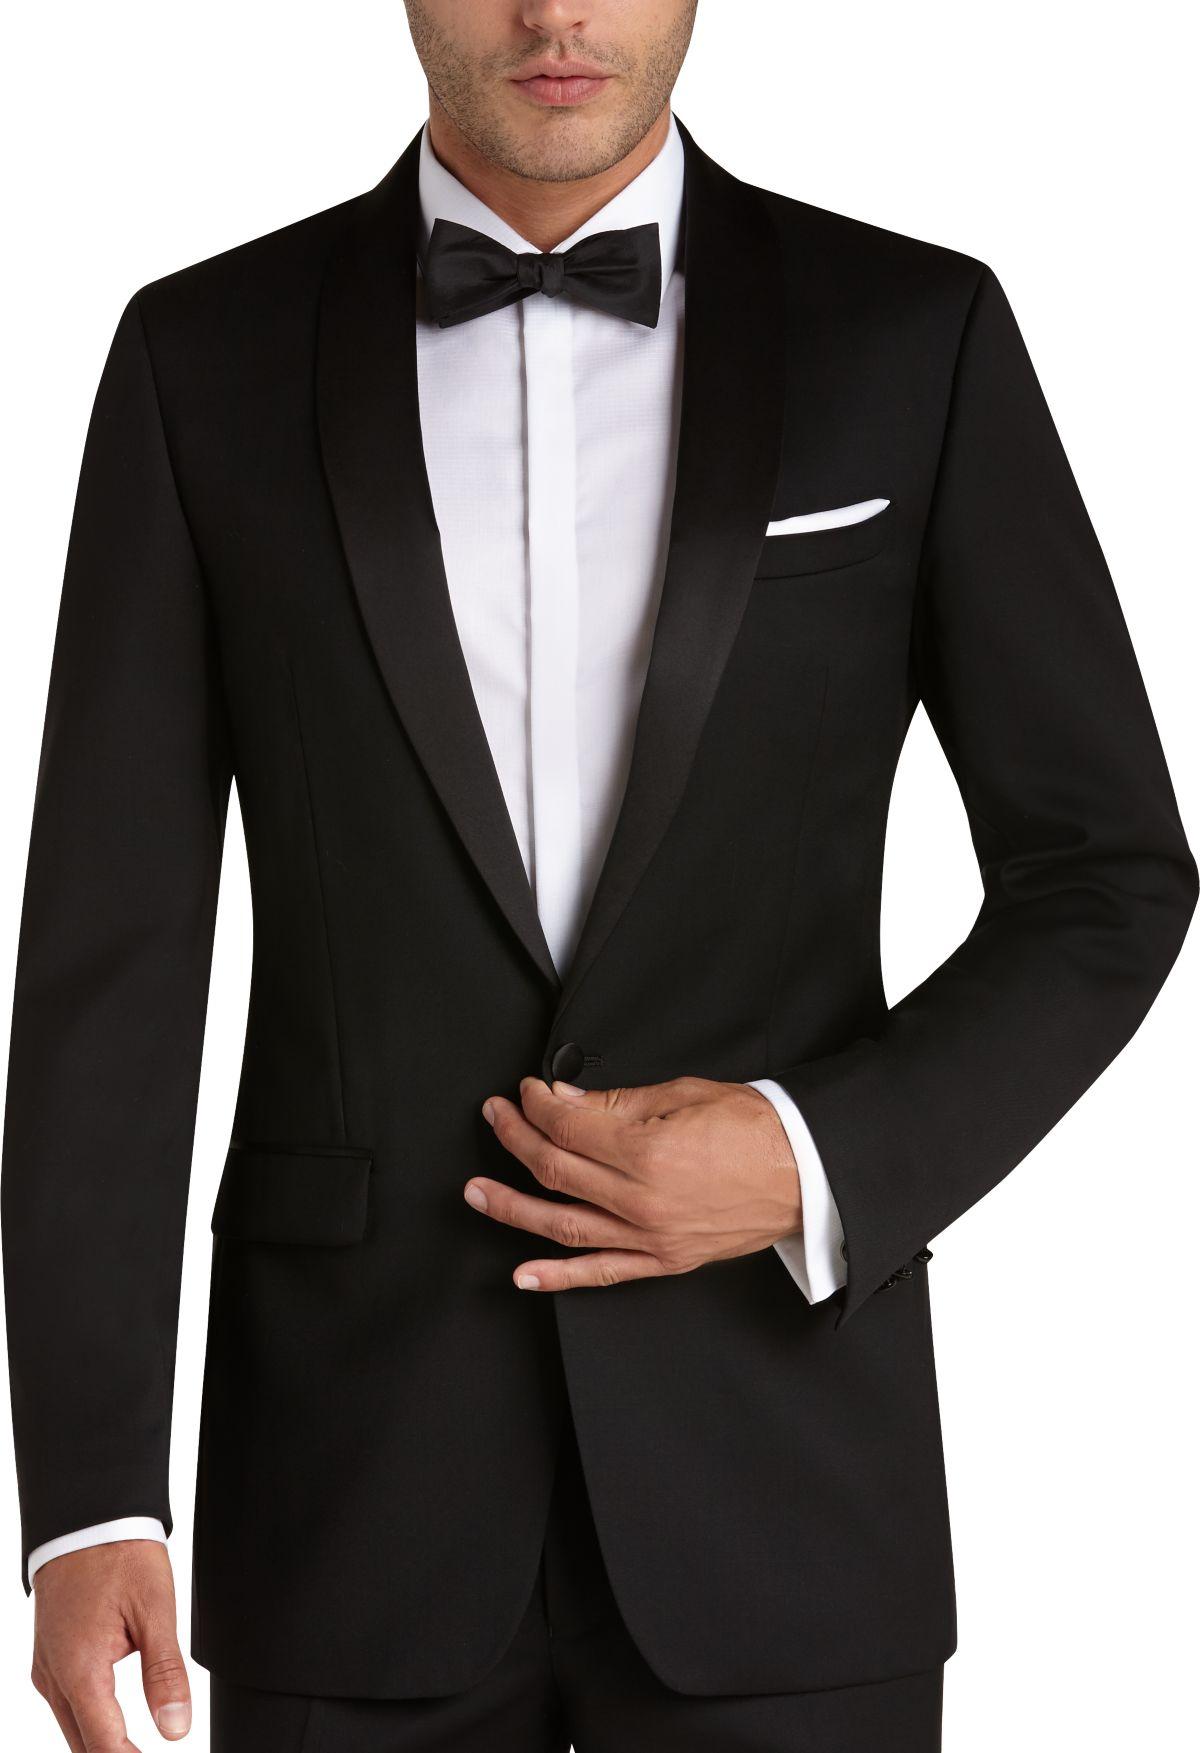 tux suit for men photo - 1